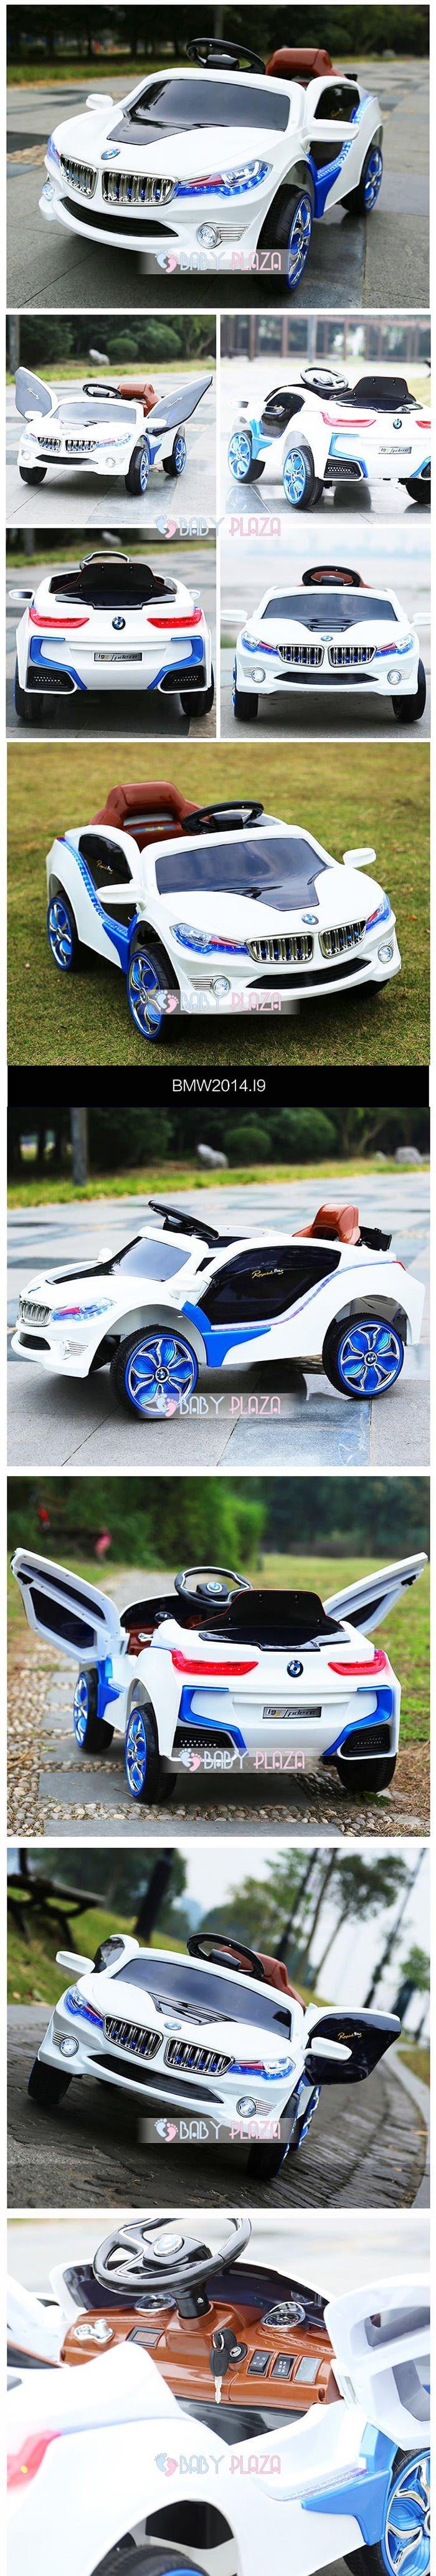 Xe ô tô điện trẻ em HL-1008 2